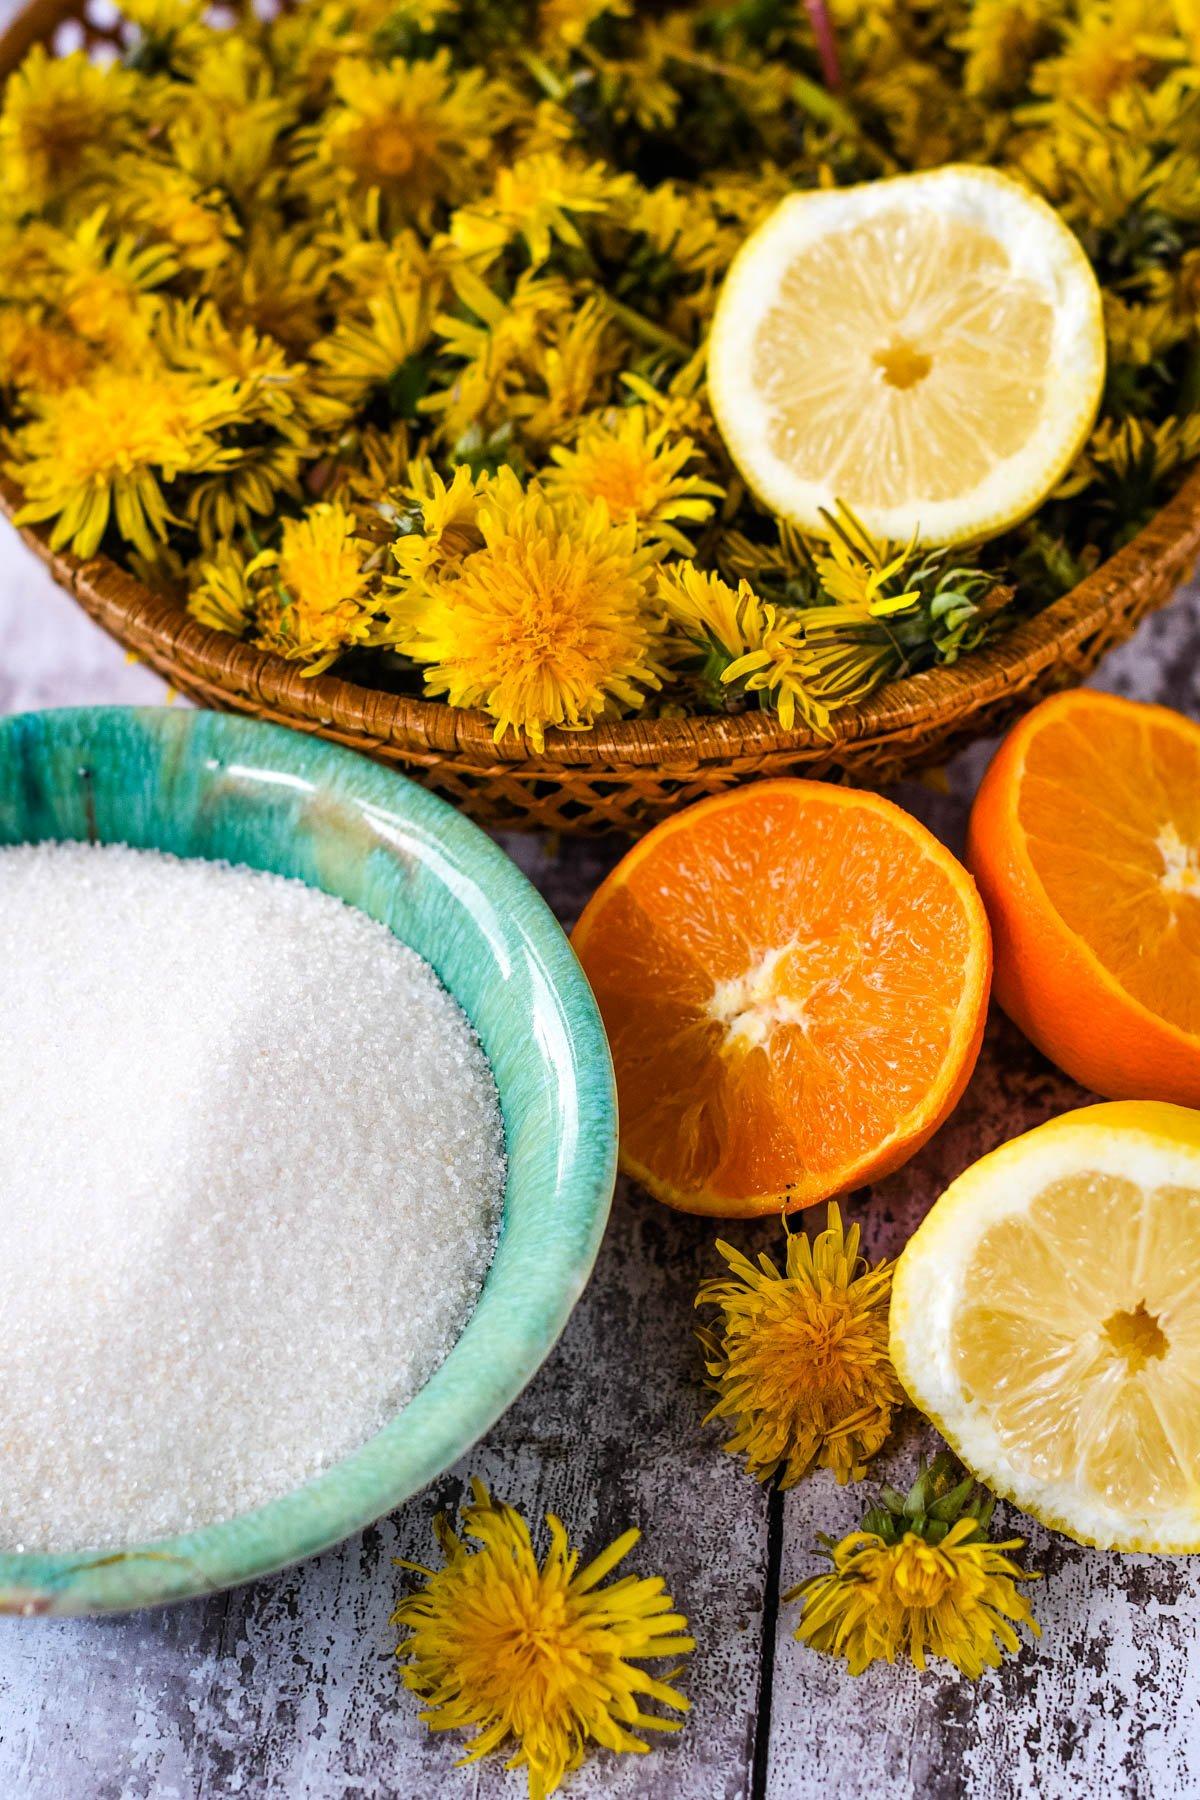 ingredients; flowers, sugar, orange and lemon